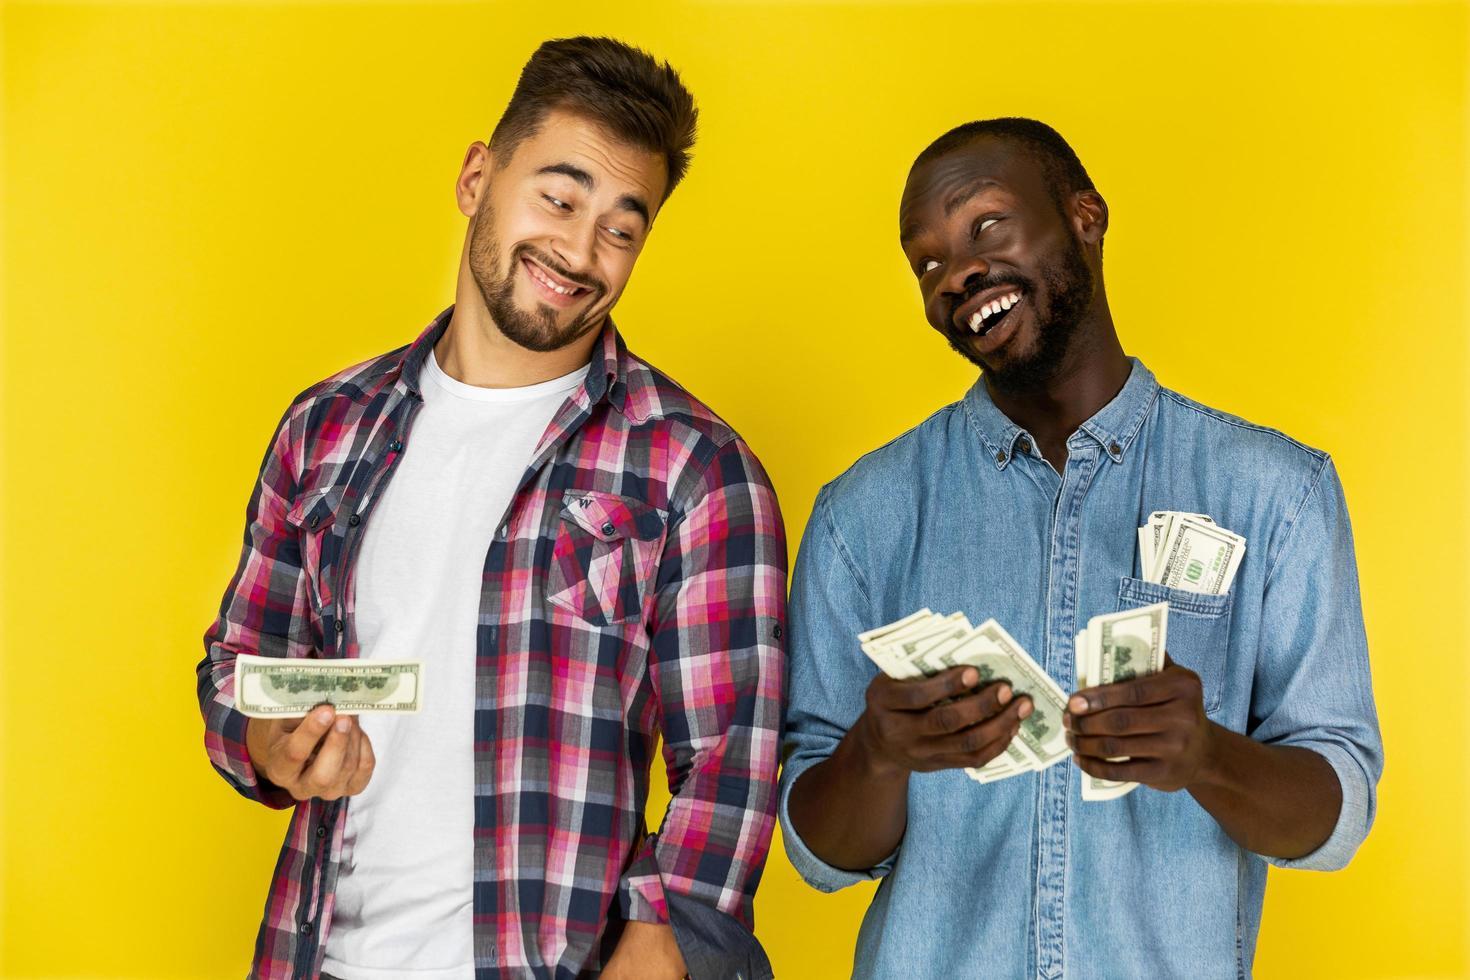 två män som håller pengar foto